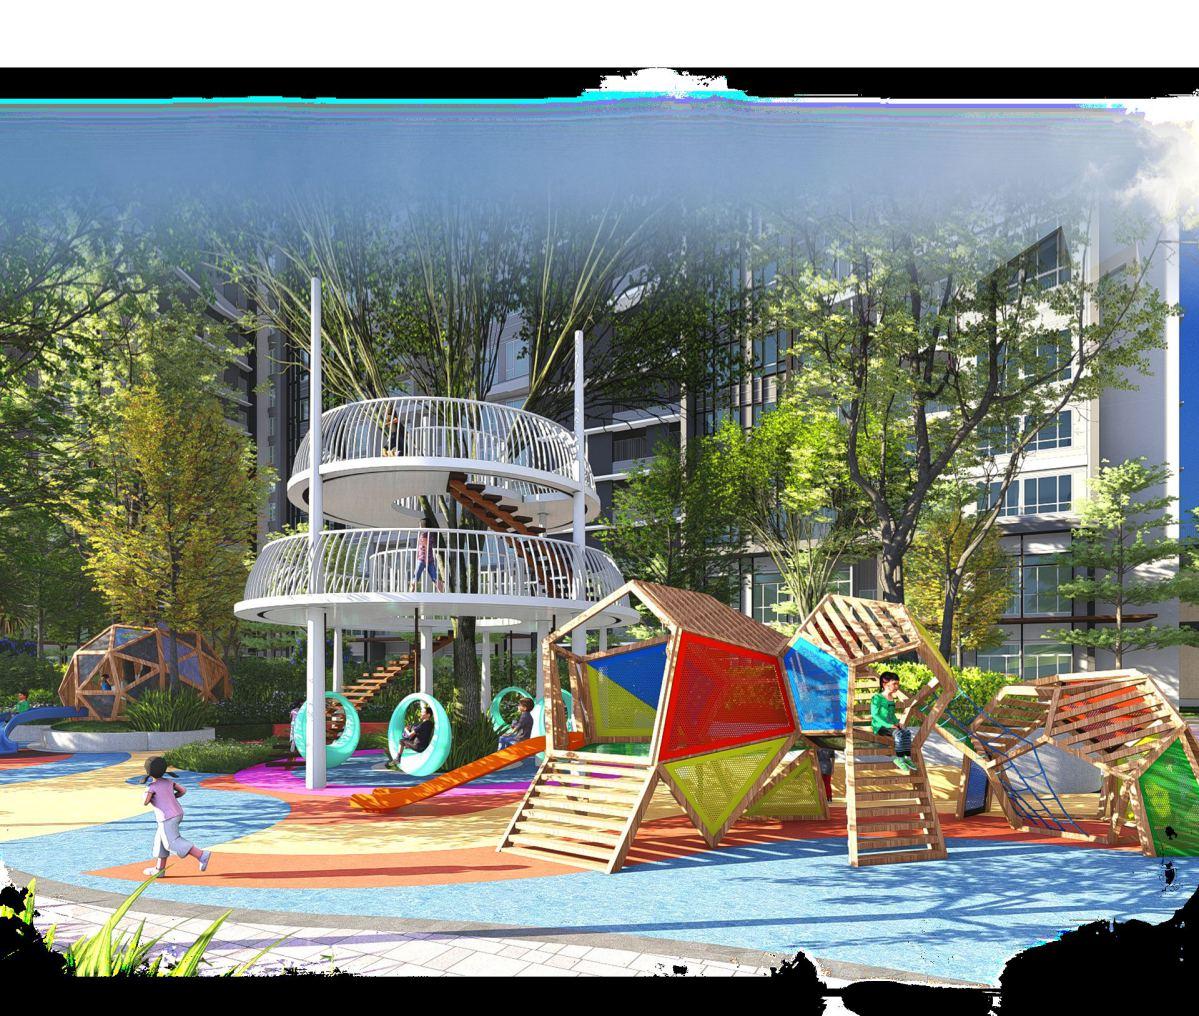 Khu nhà cây tại dự án cho trẻ em thỏa sức khám phá